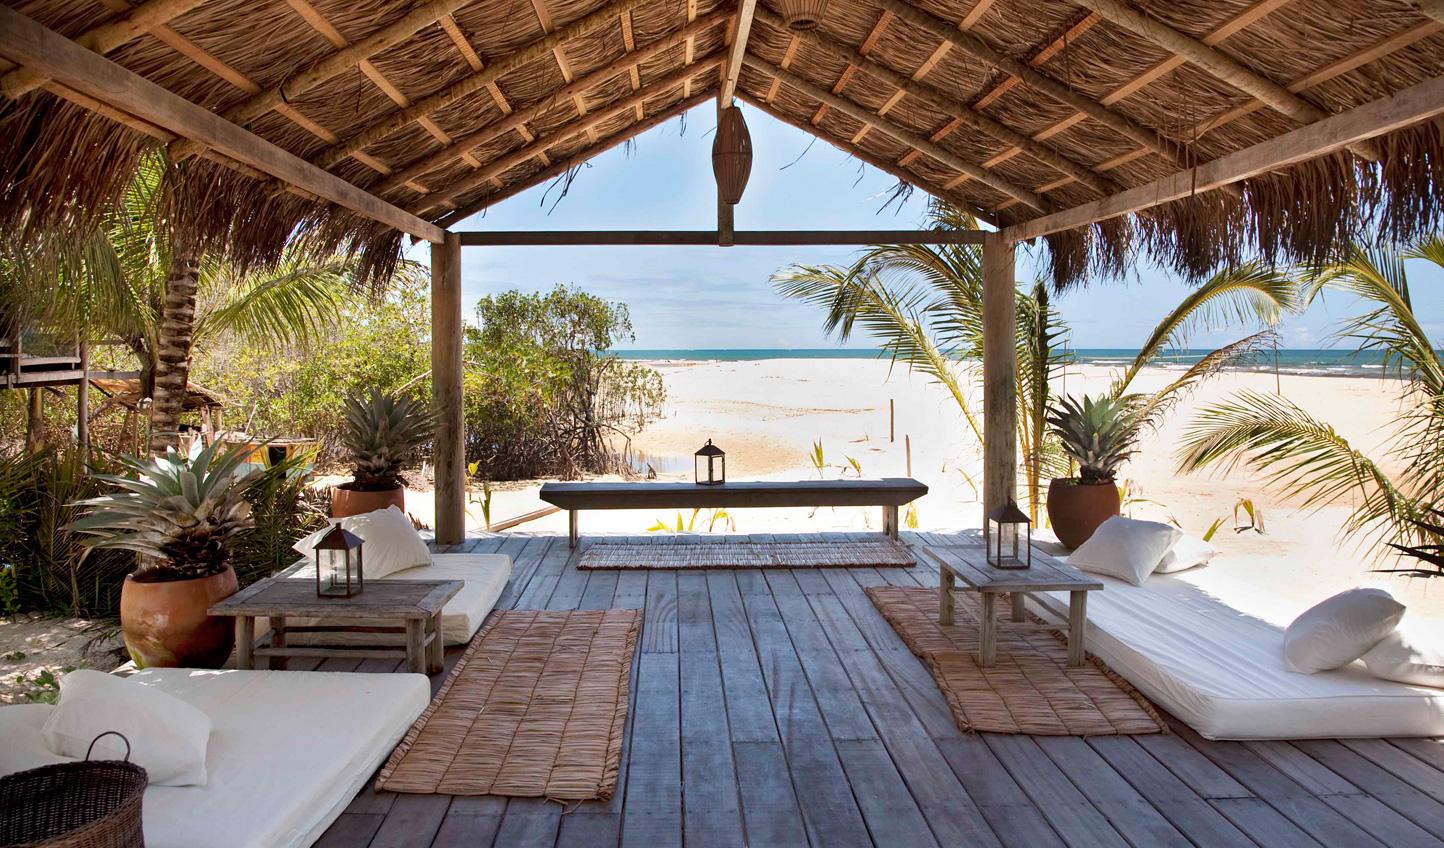 Enjoy the laidback beach lifestyle of UXUA